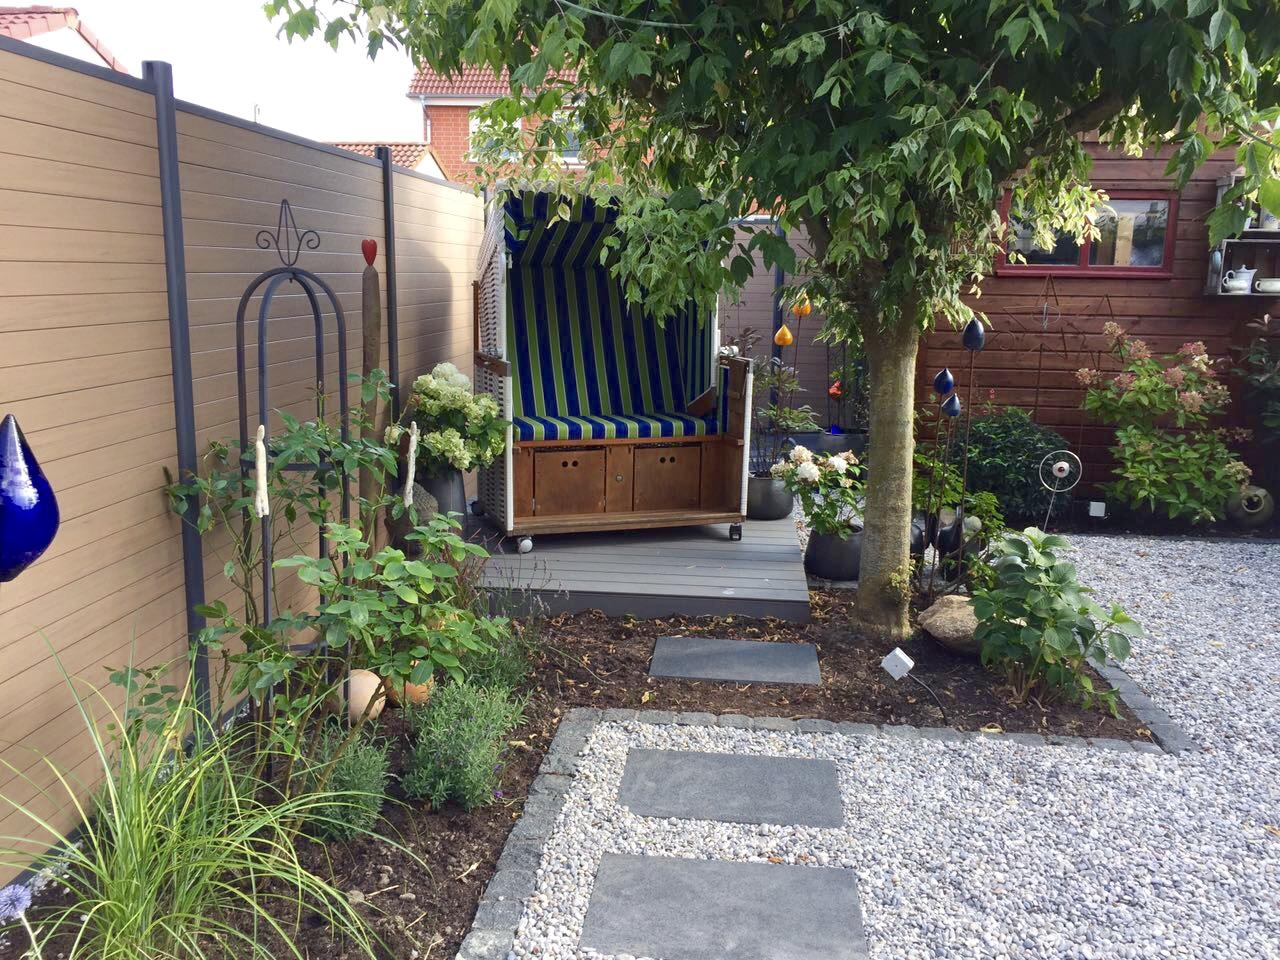 Reihenhaus Garten reihenhausgärten gartentraeume boesches webseite